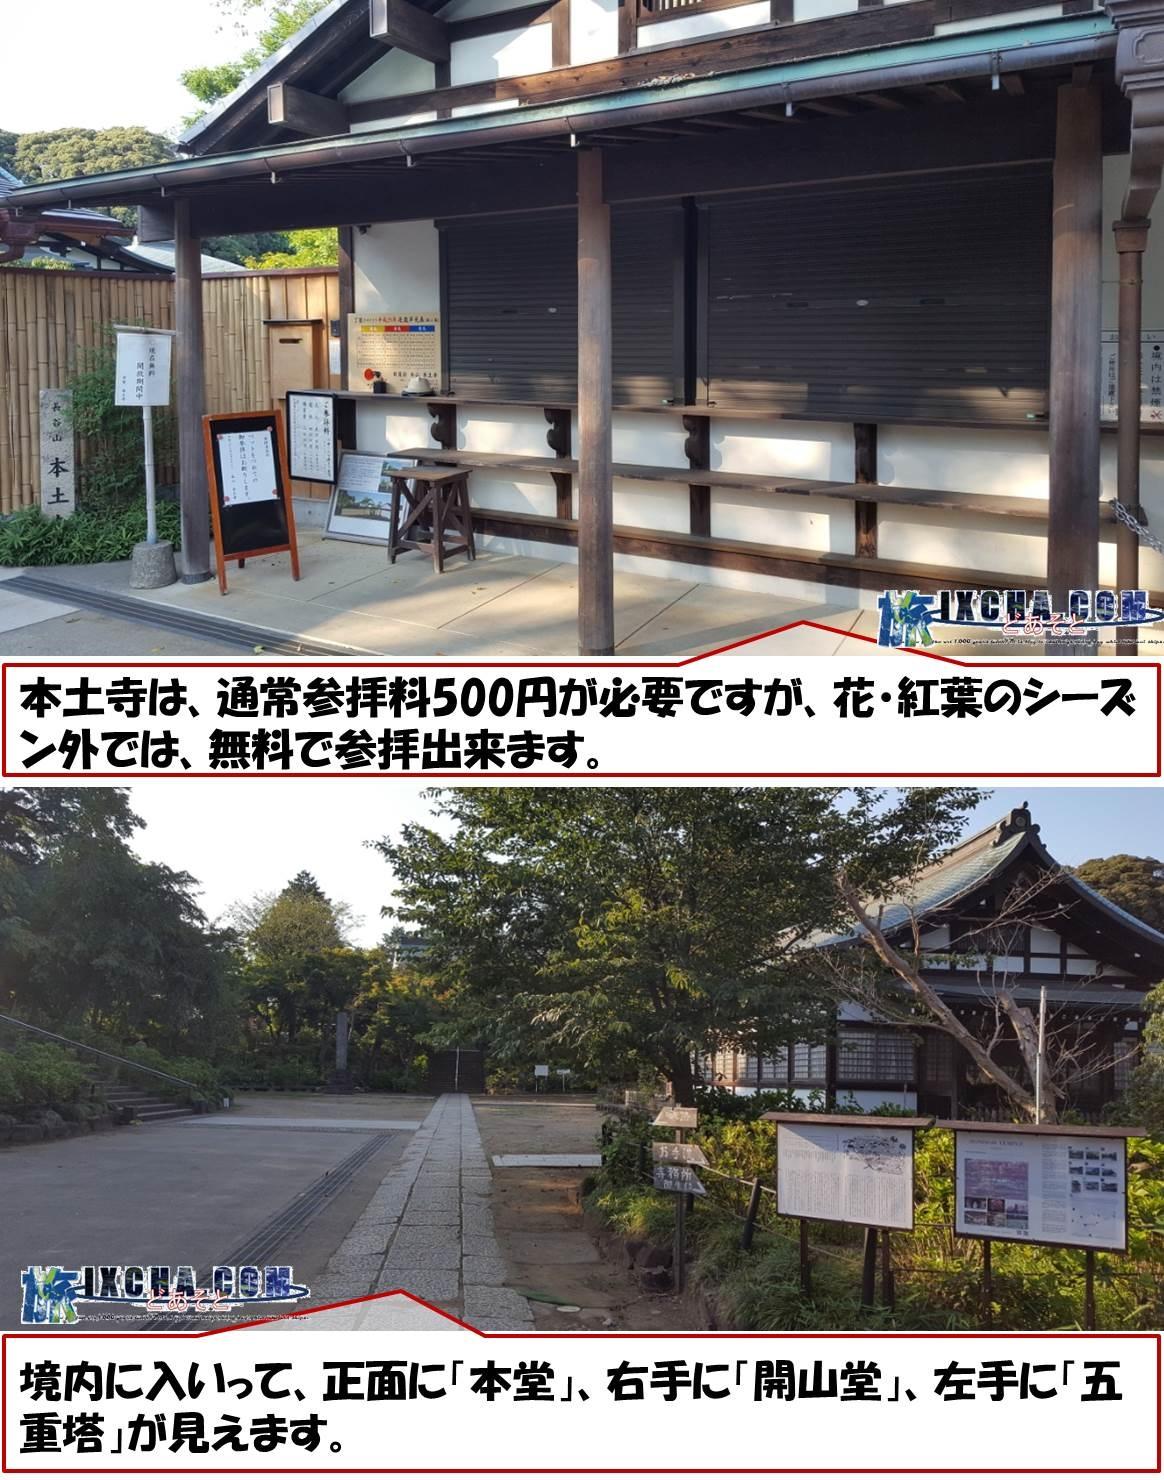 本土寺は、通常参拝料500円が必要ですが、花・紅葉のシーズン外では、無料で参拝出来ます。 境内に入いって、正面に「本堂」、右手に「開山堂」、左手に「五重塔」が見えます。